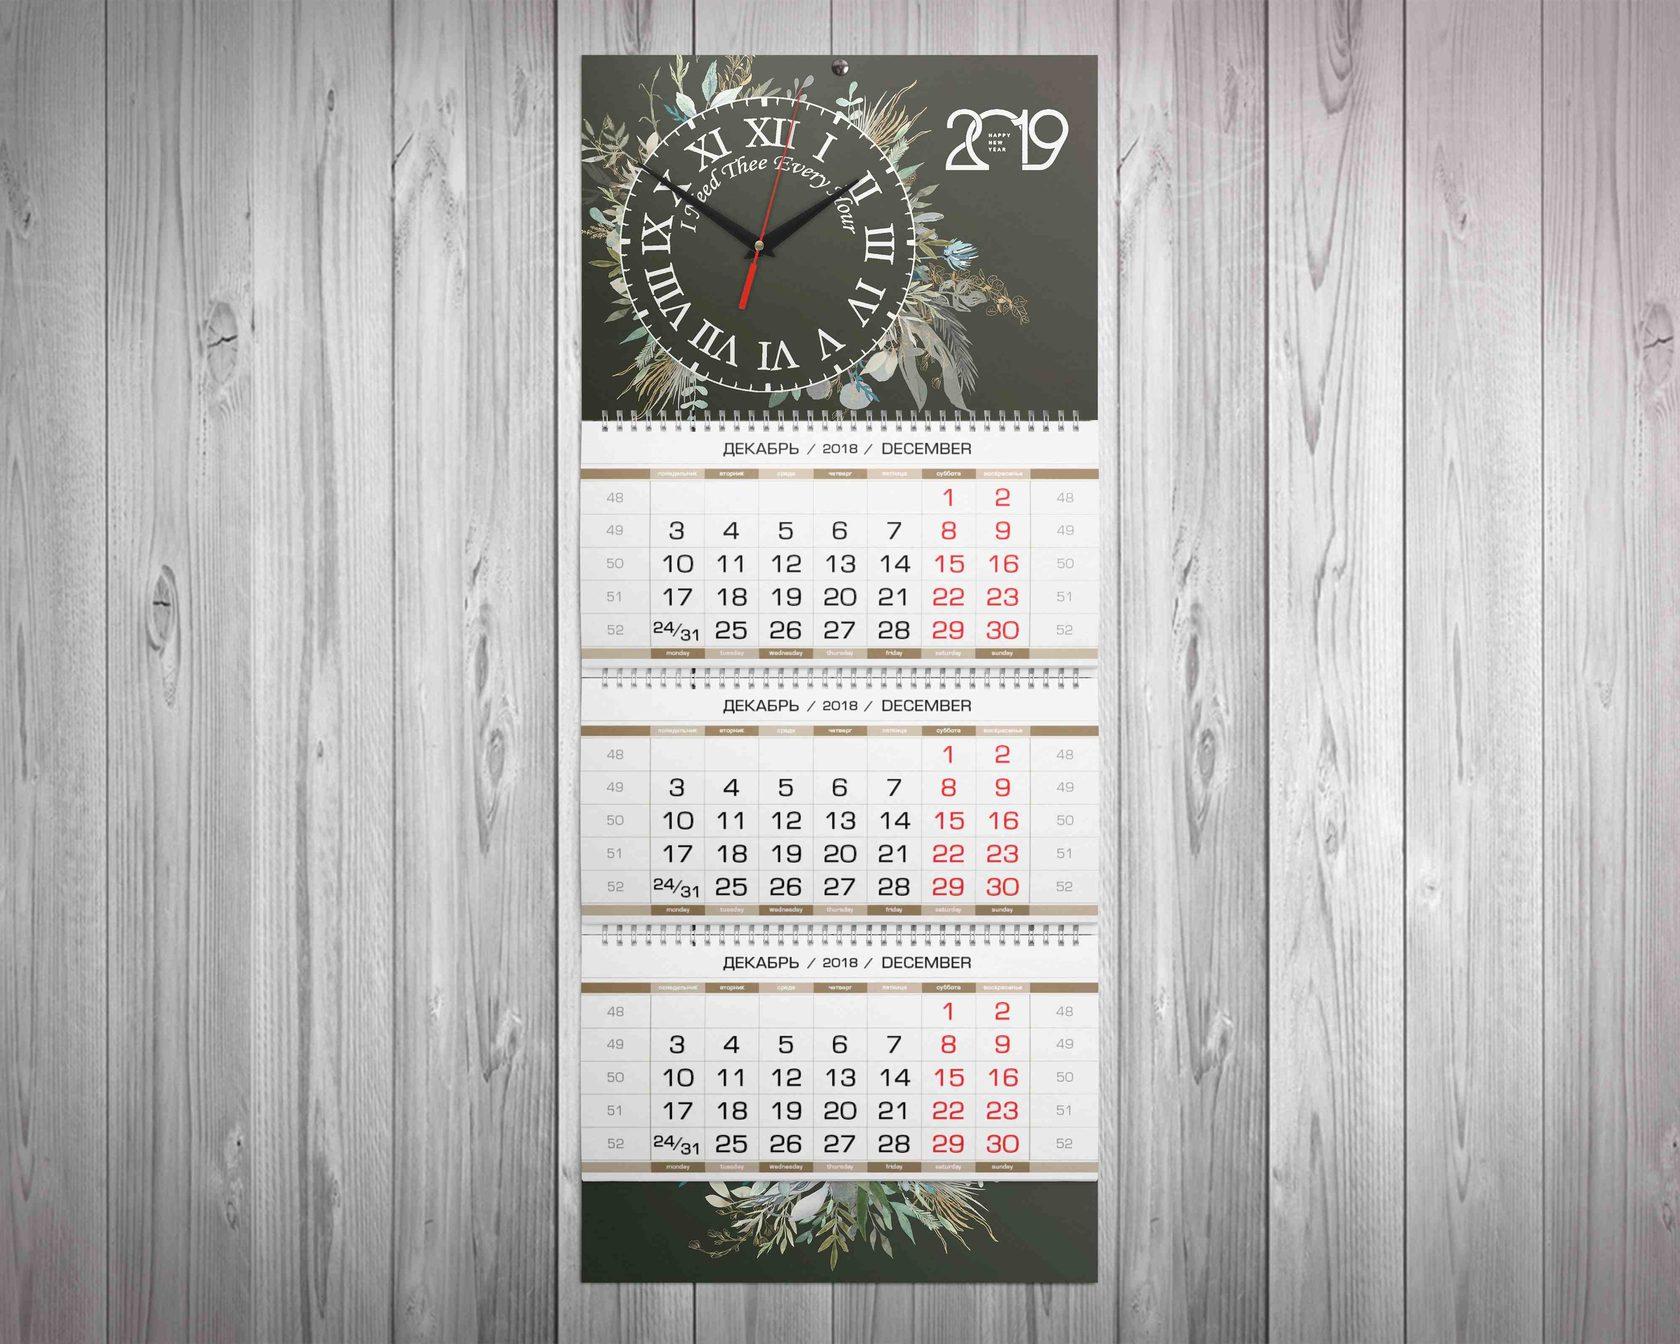 заодно стильная картинка для календаря палитре, приближенной